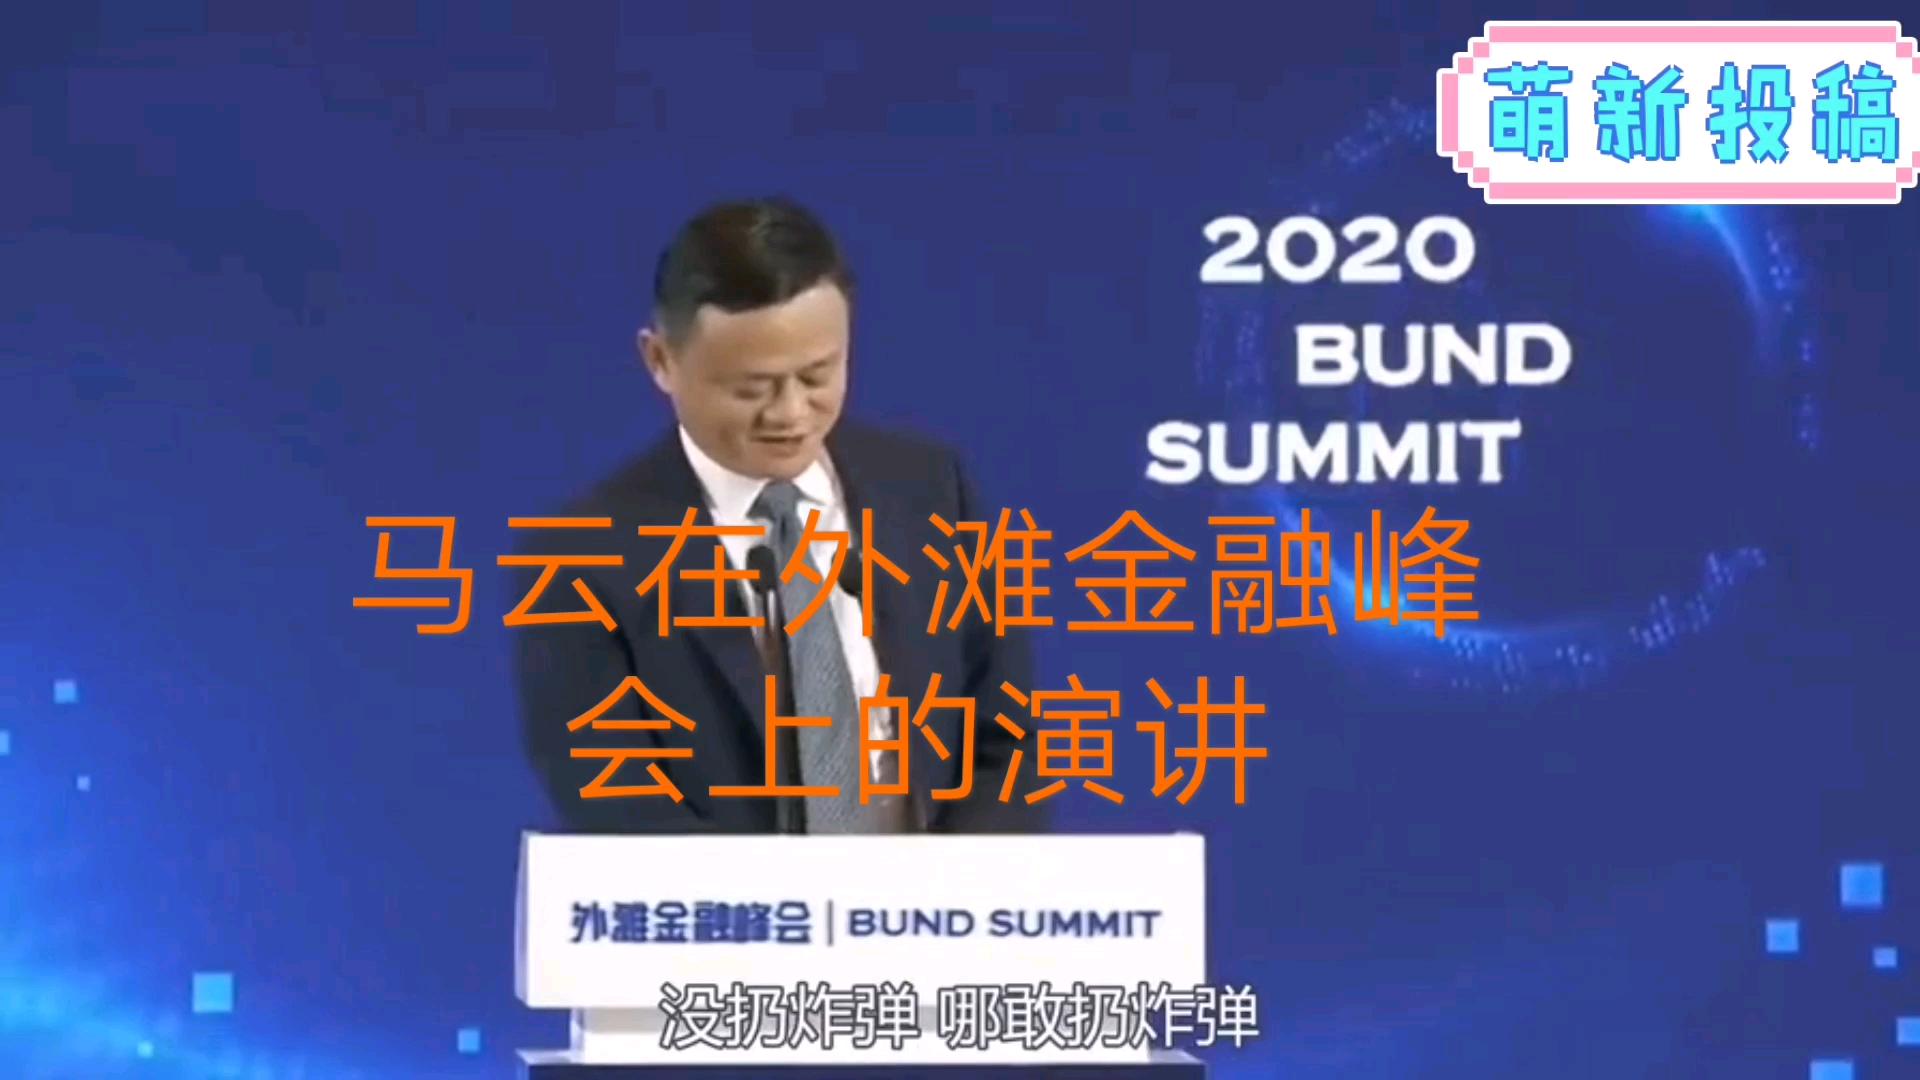 马云在上海外滩金融峰会上的演讲,内容劲爆,火力全开。